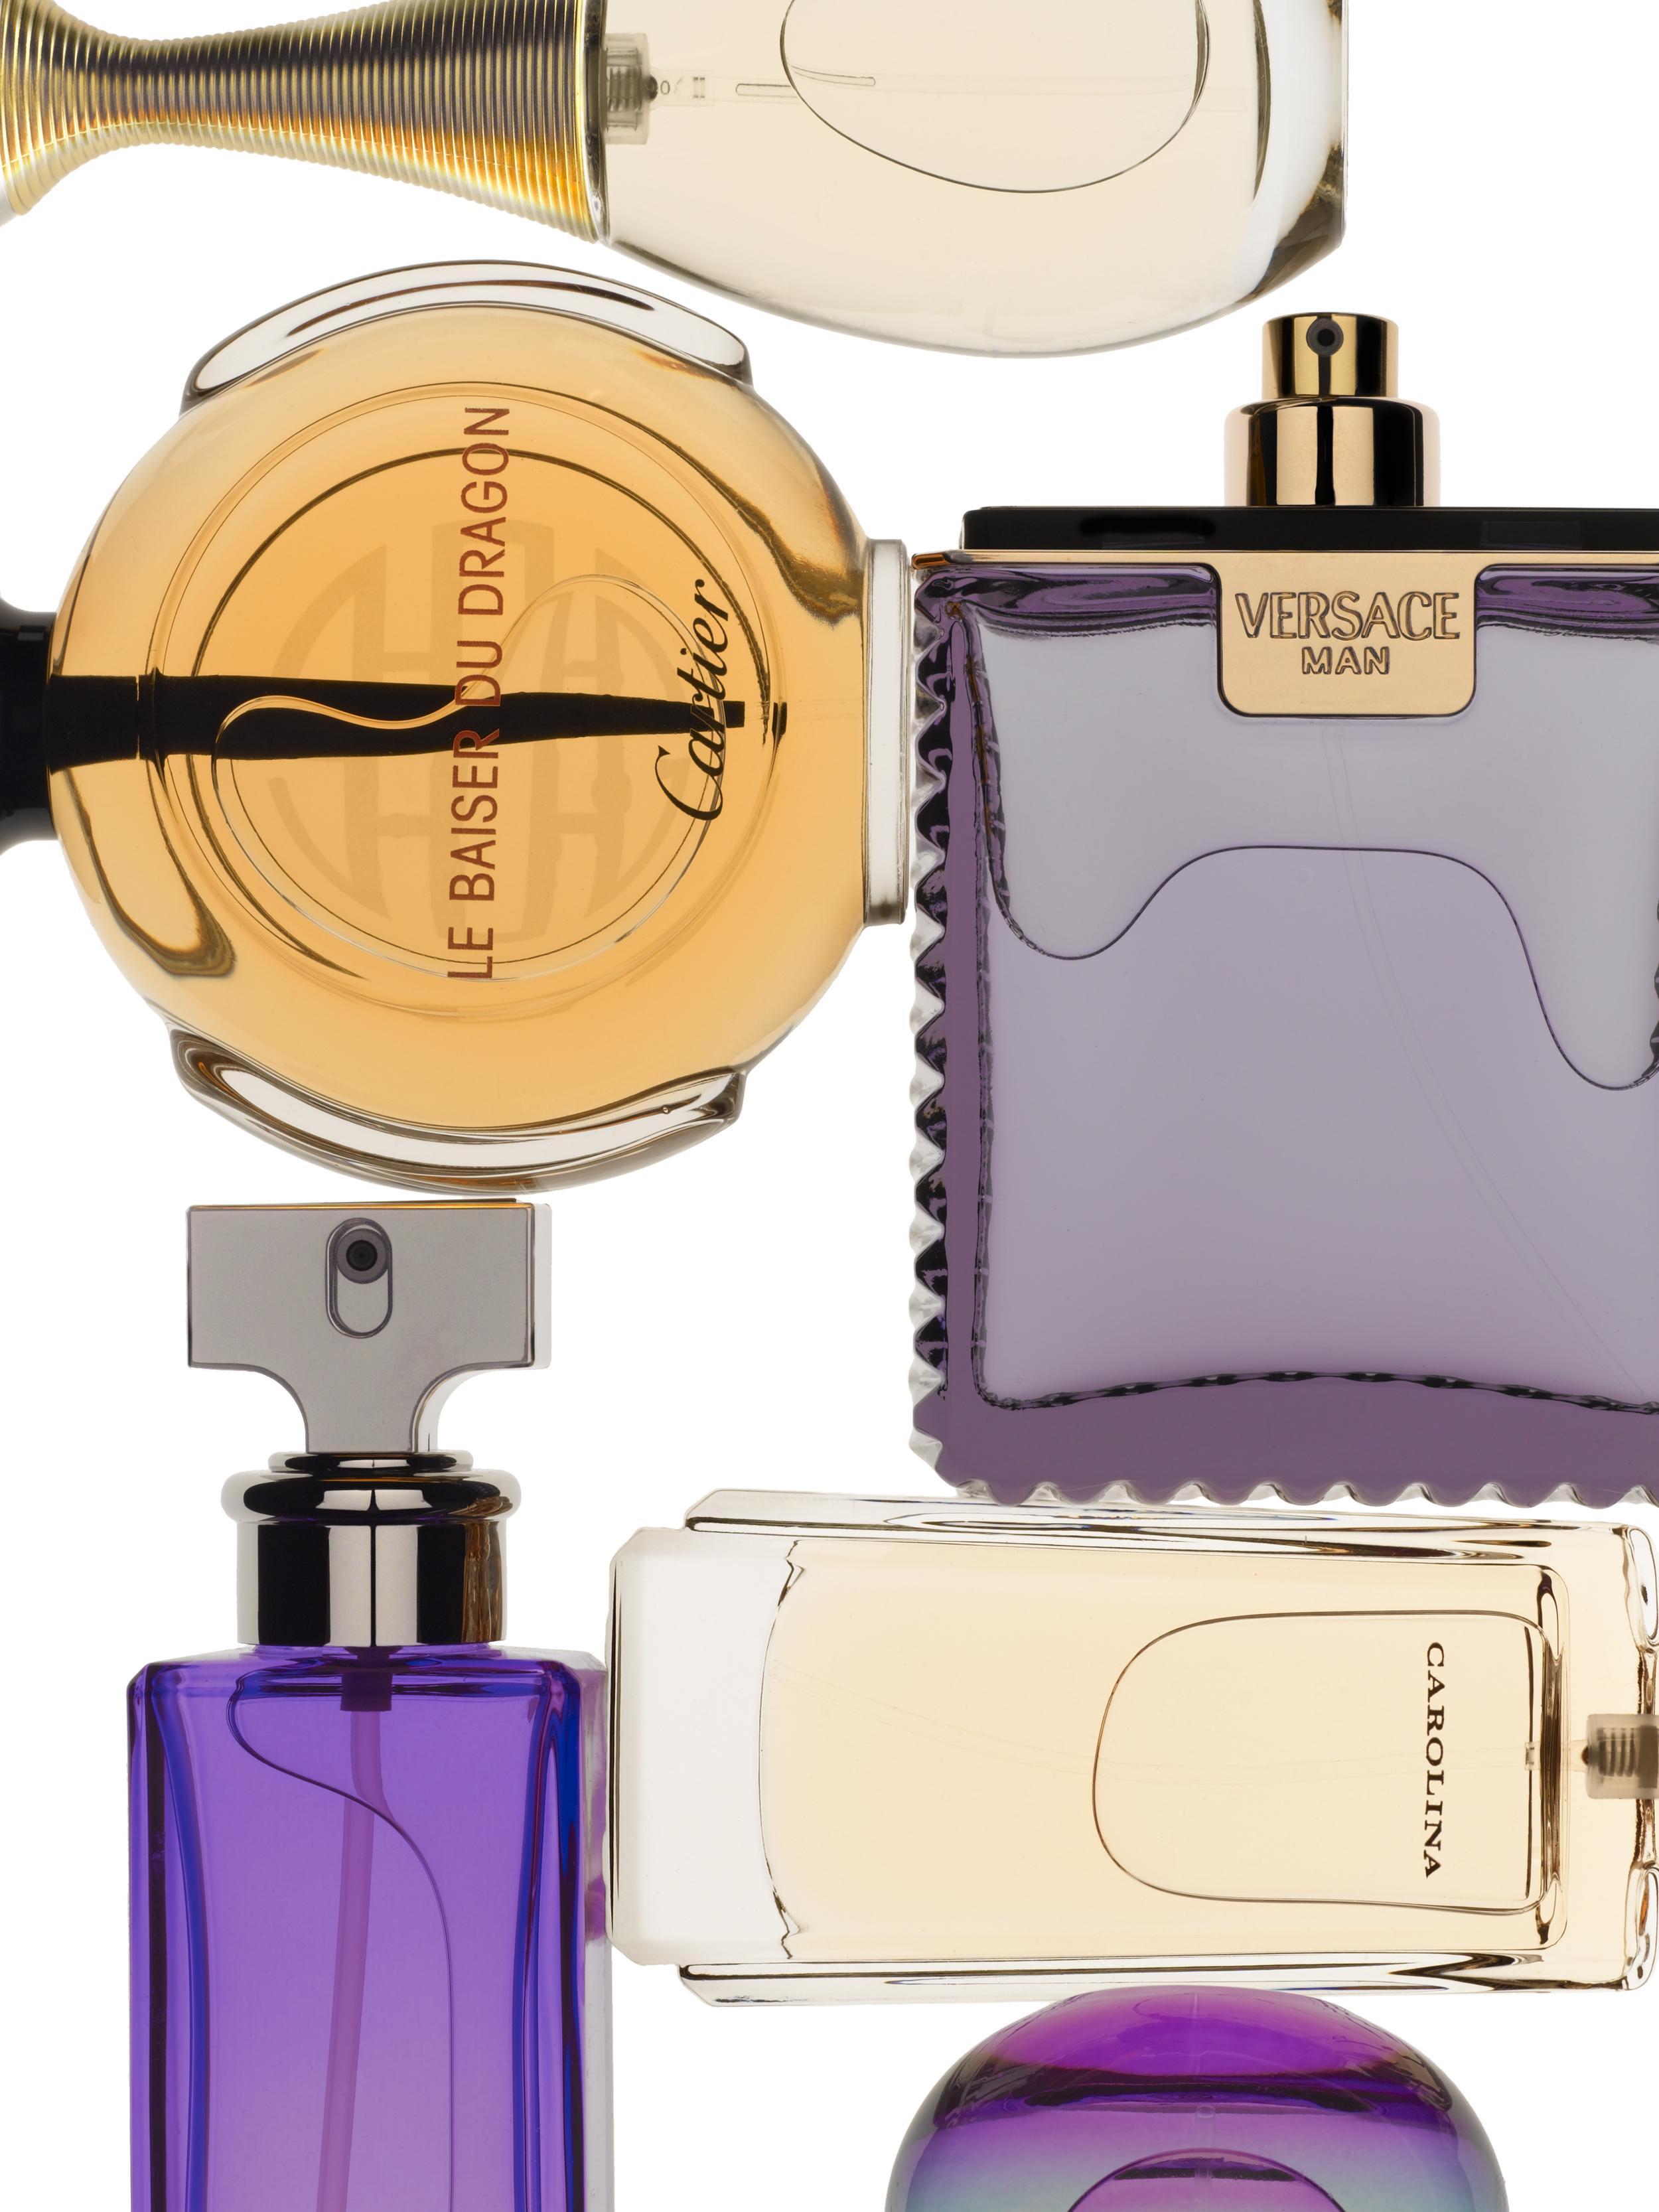 17L_perfume bottles (1).jpg